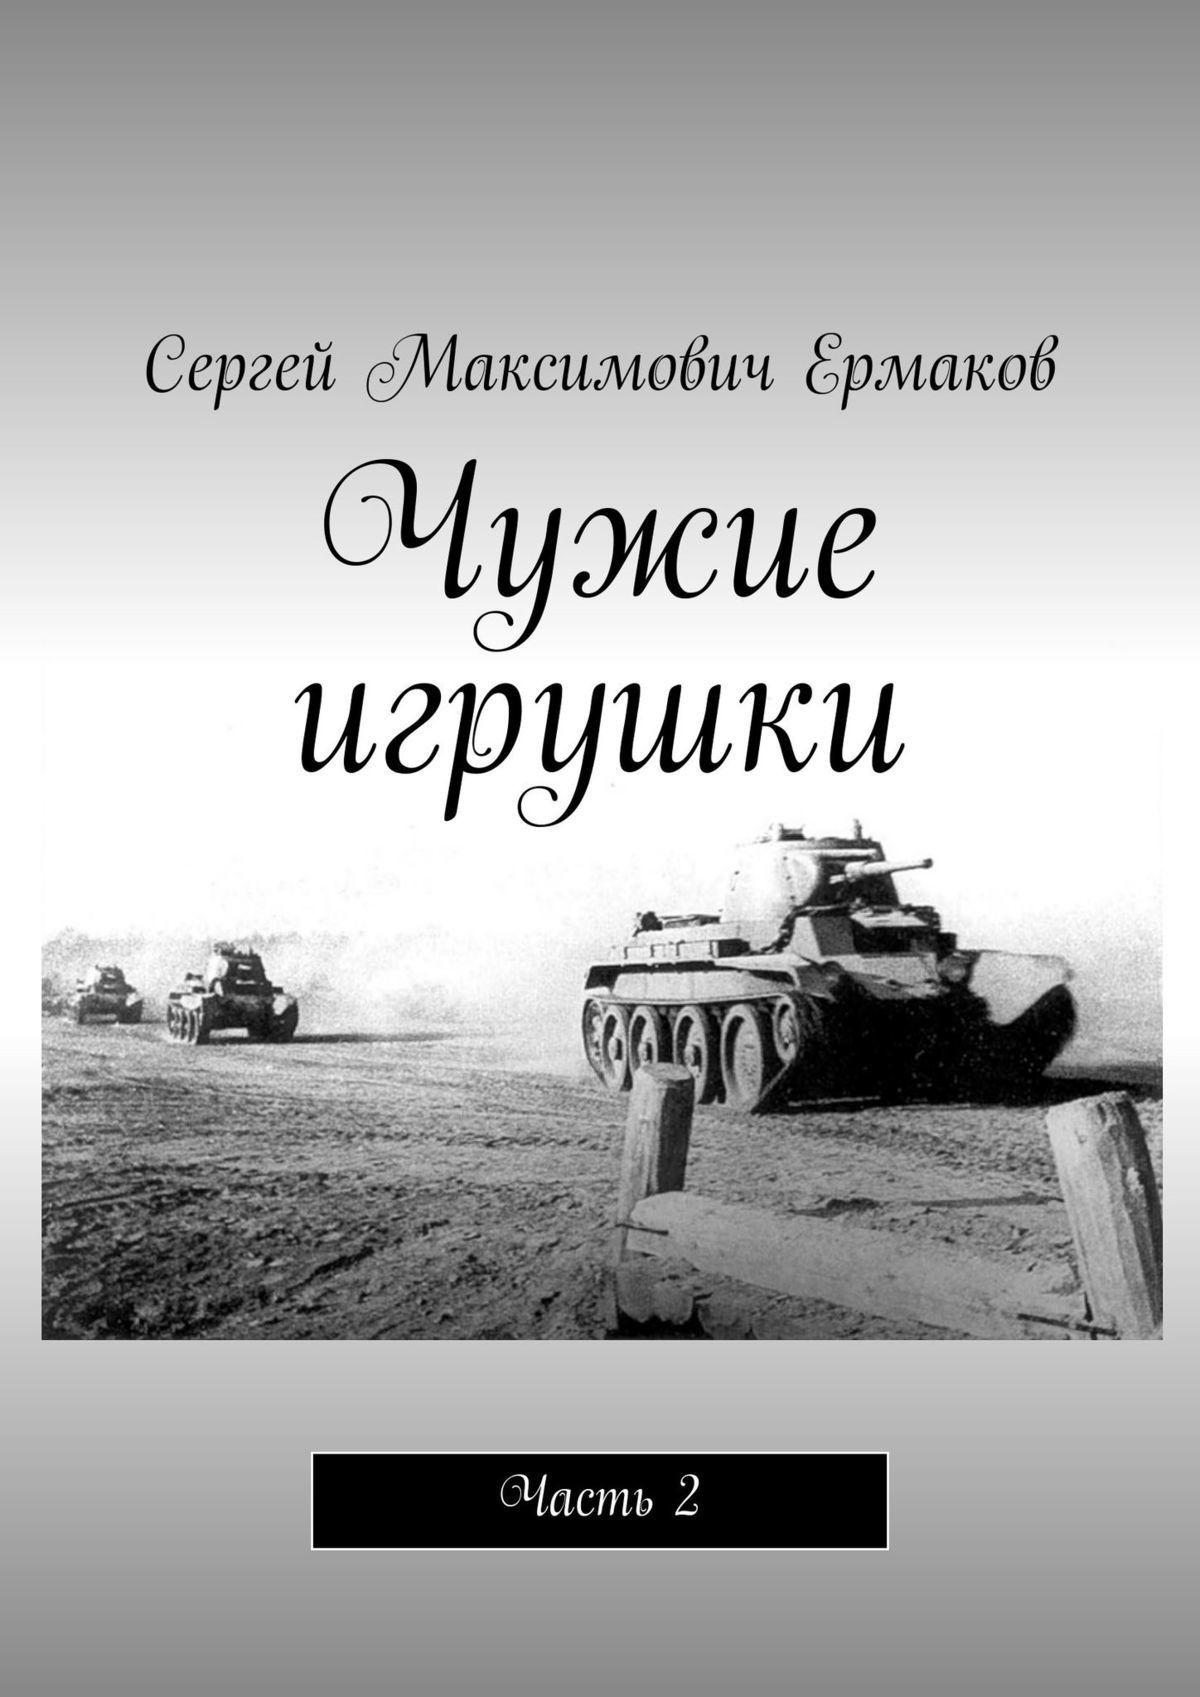 Сергей Ермаков - Чужие игрушки. Часть2